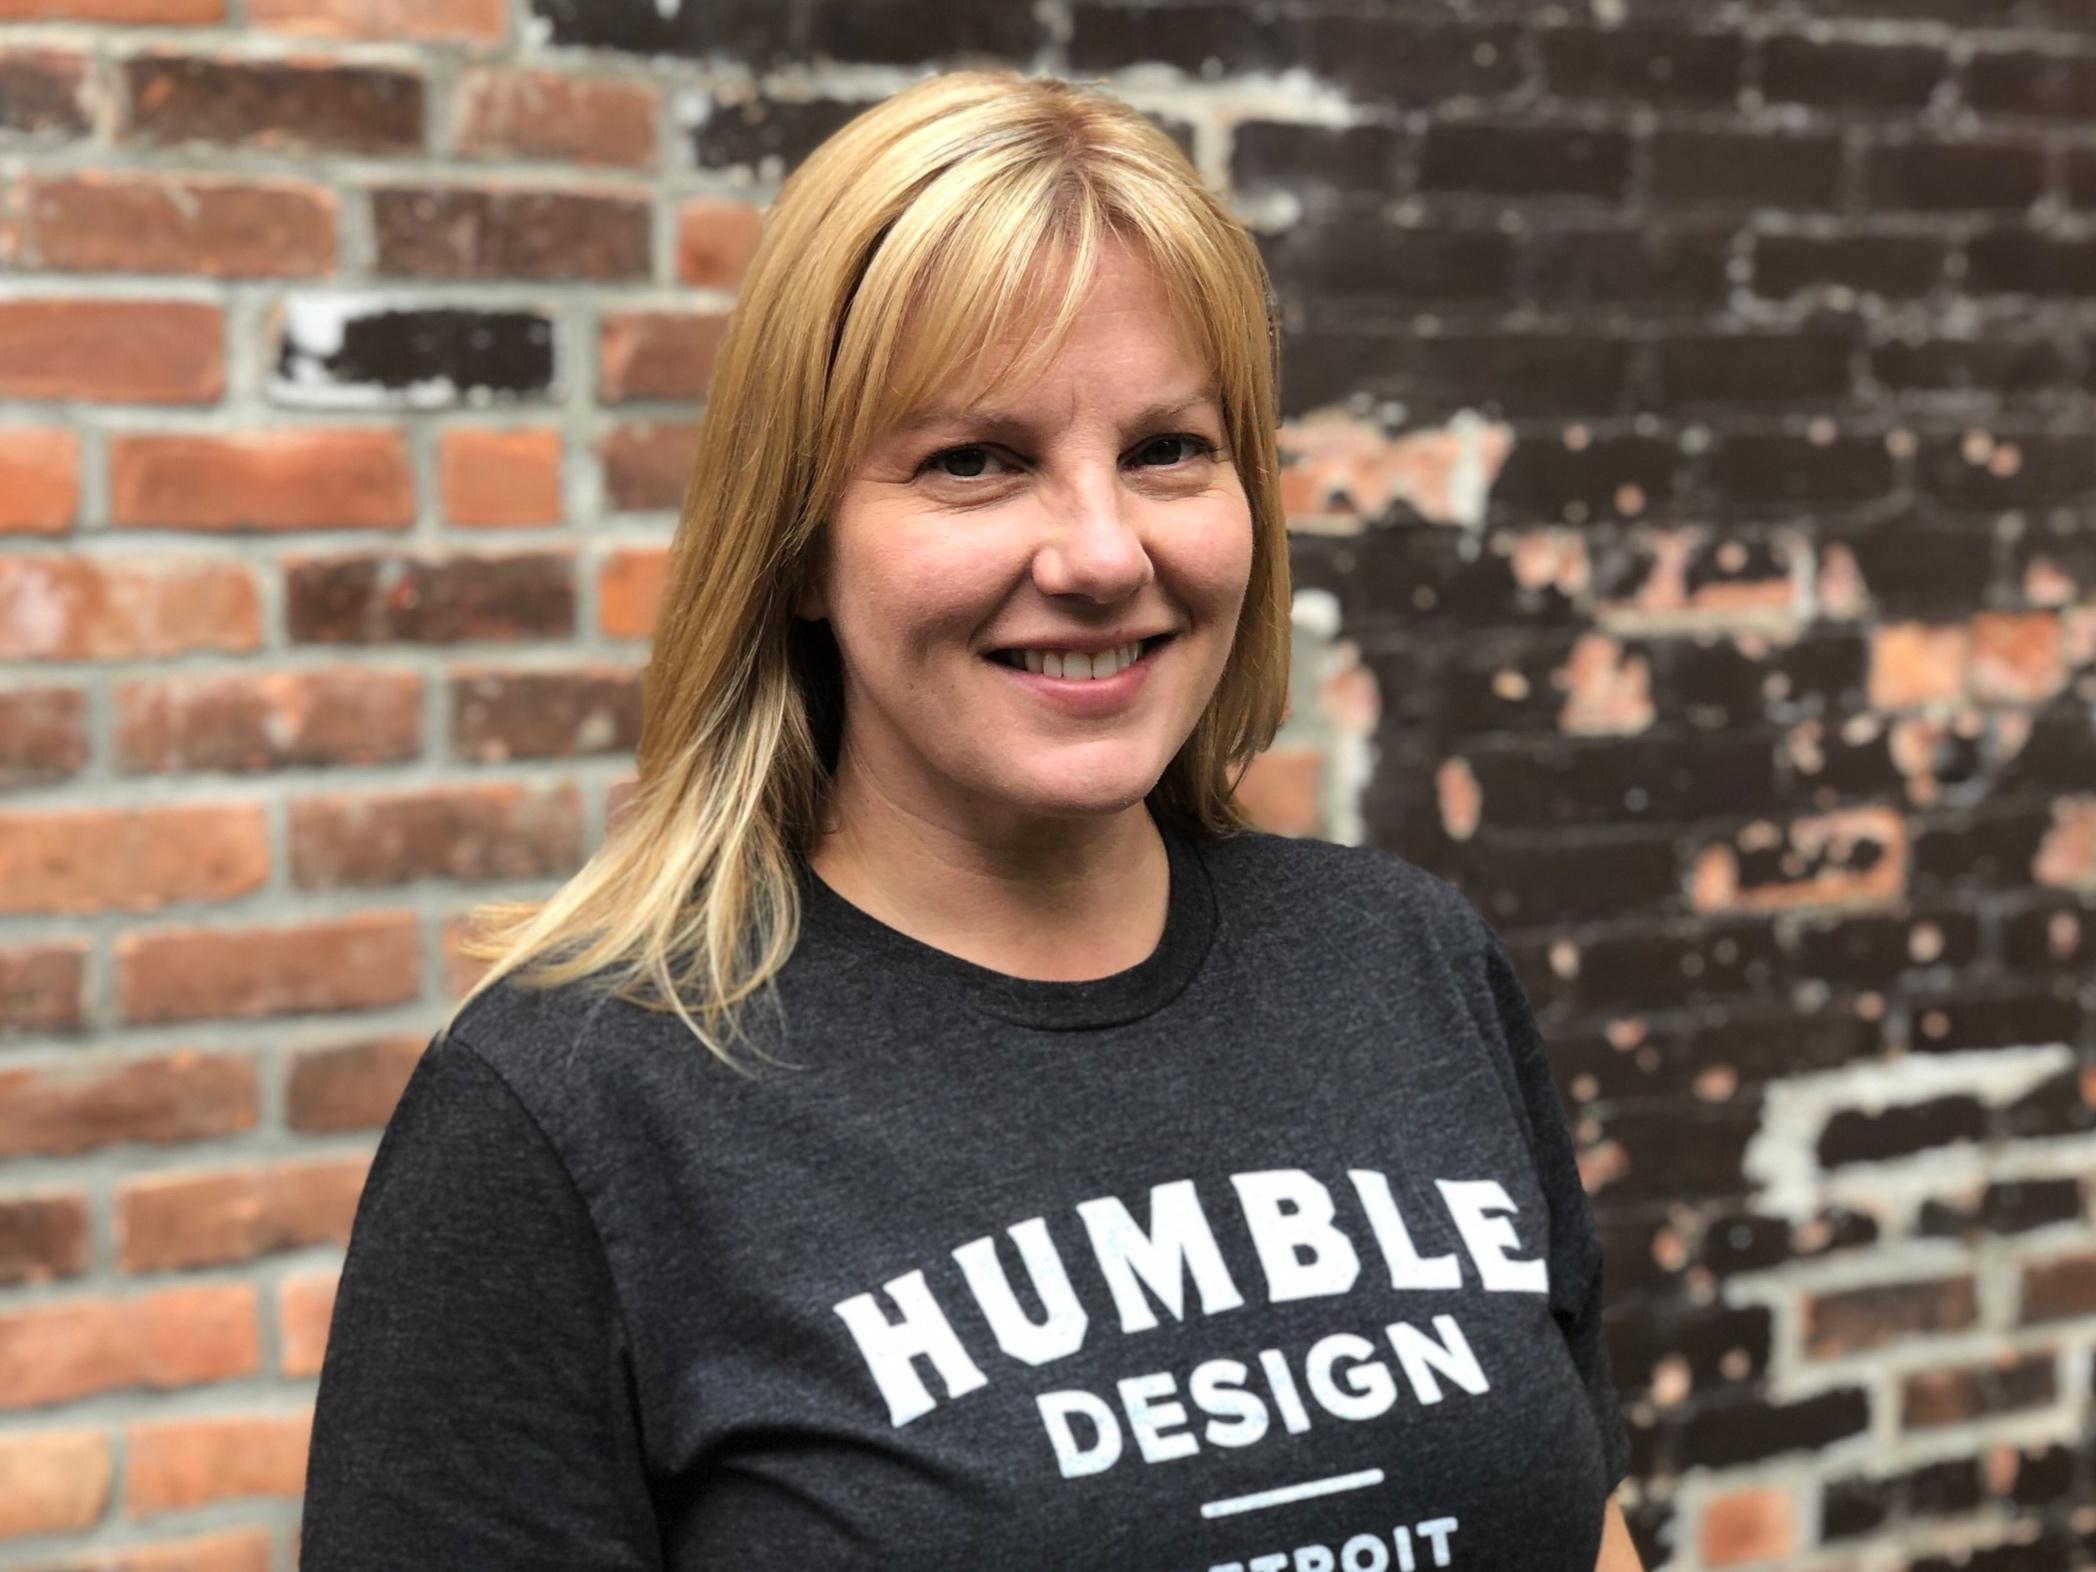 Leslie Johns, Design Assistant